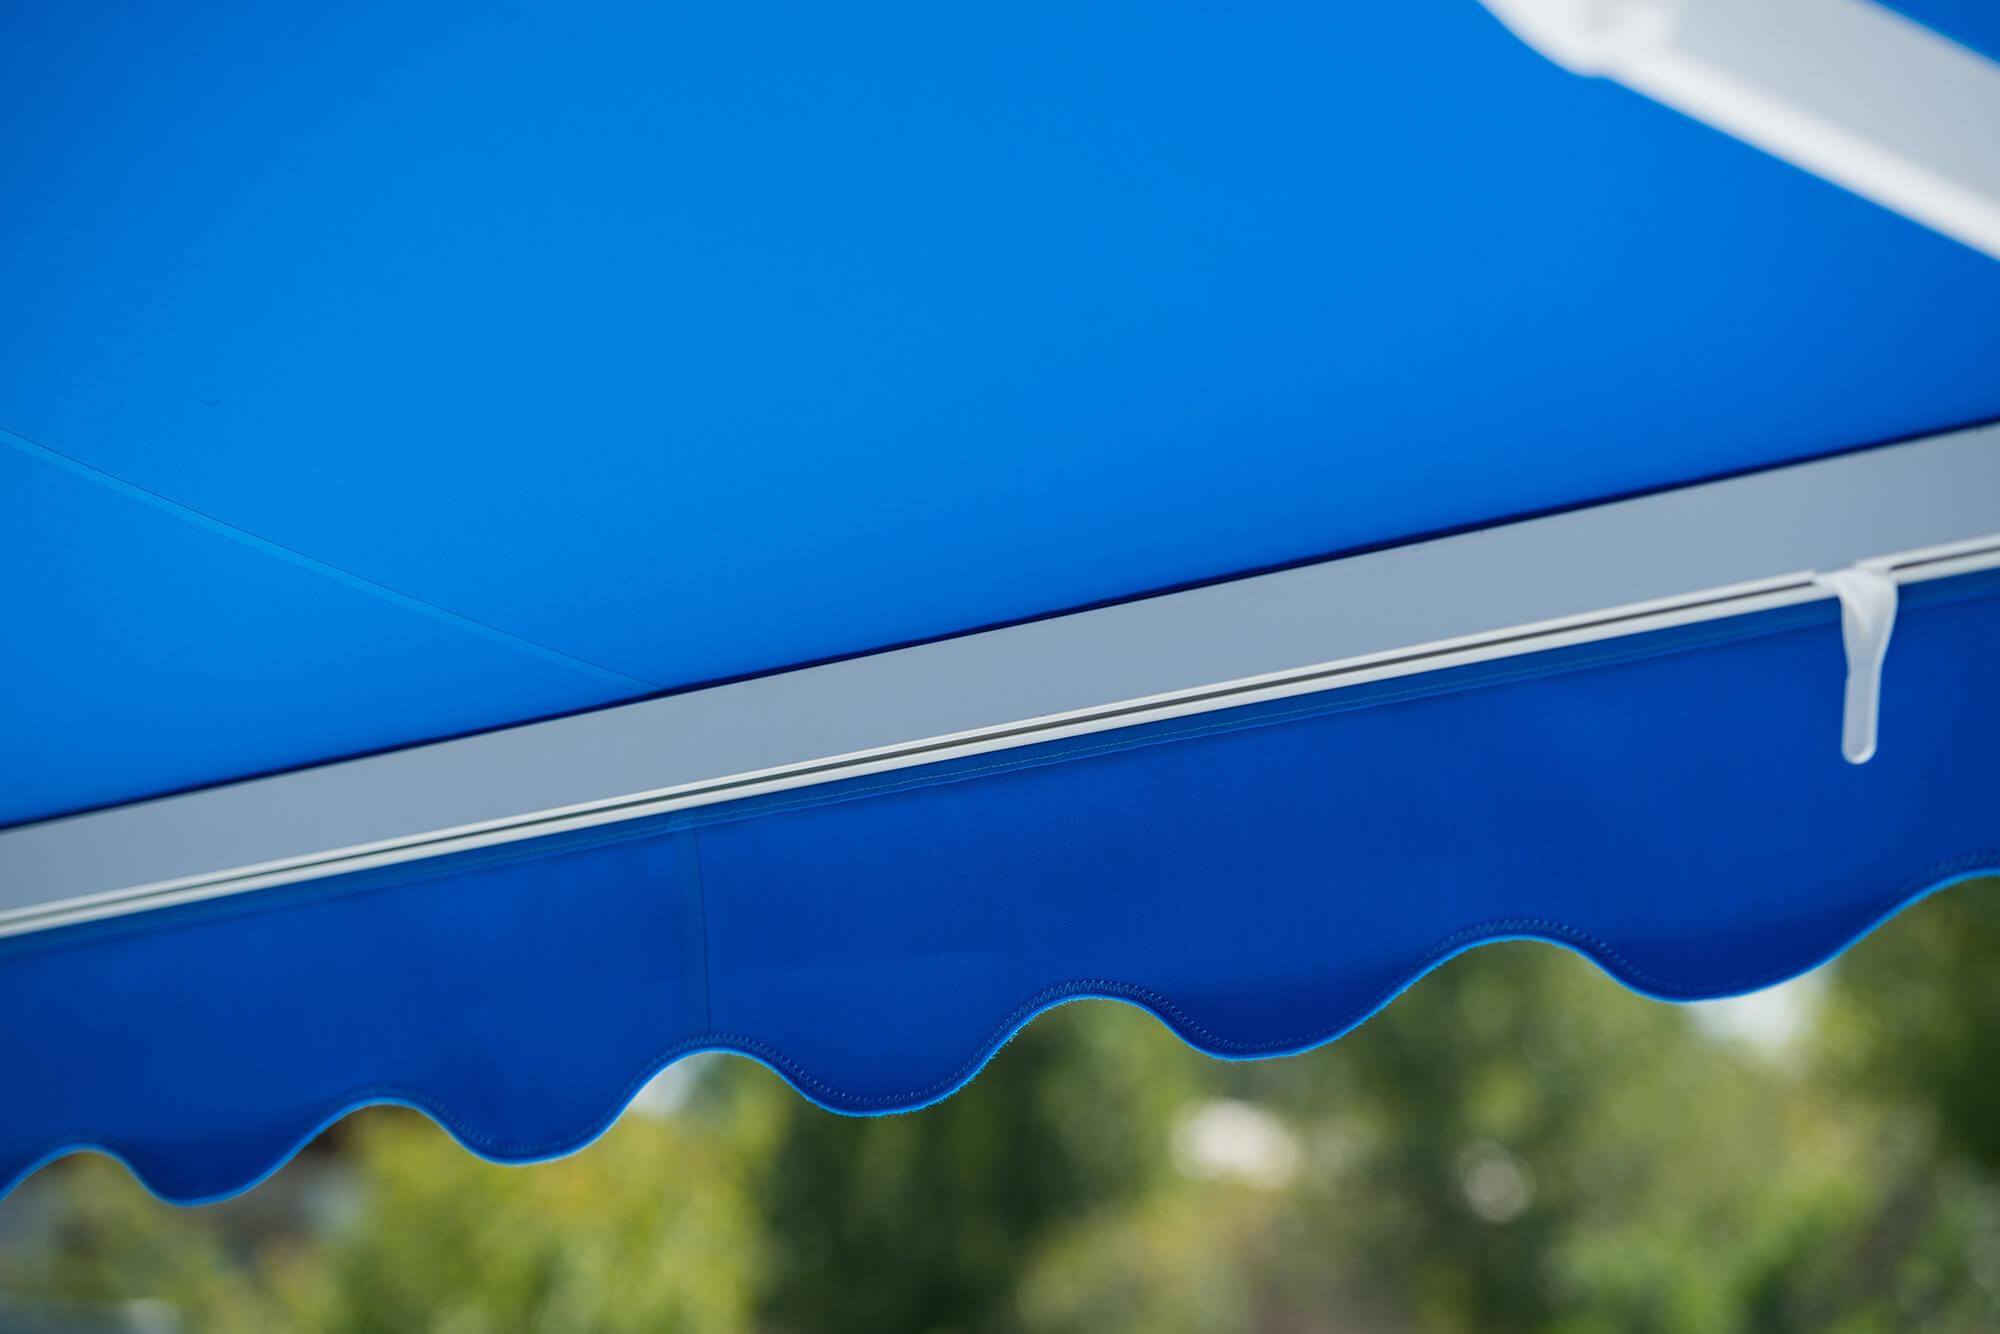 蓝色 Sunbrella 可伸缩遮阳篷的细节设计